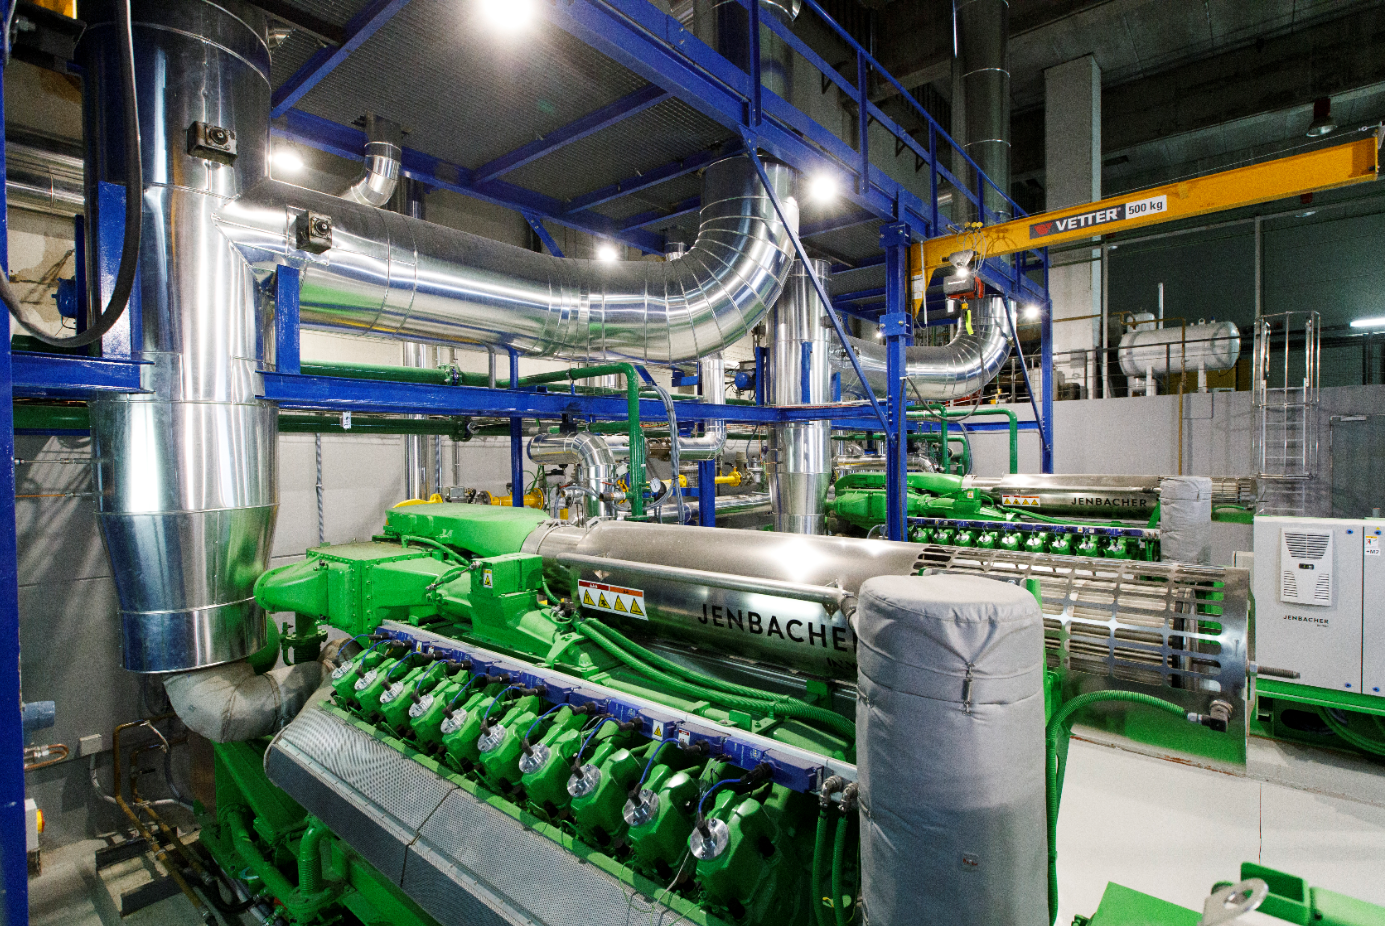 Inversiones por 3.000 millones de euros para contribuir a la transición ecológica y a la digitalización